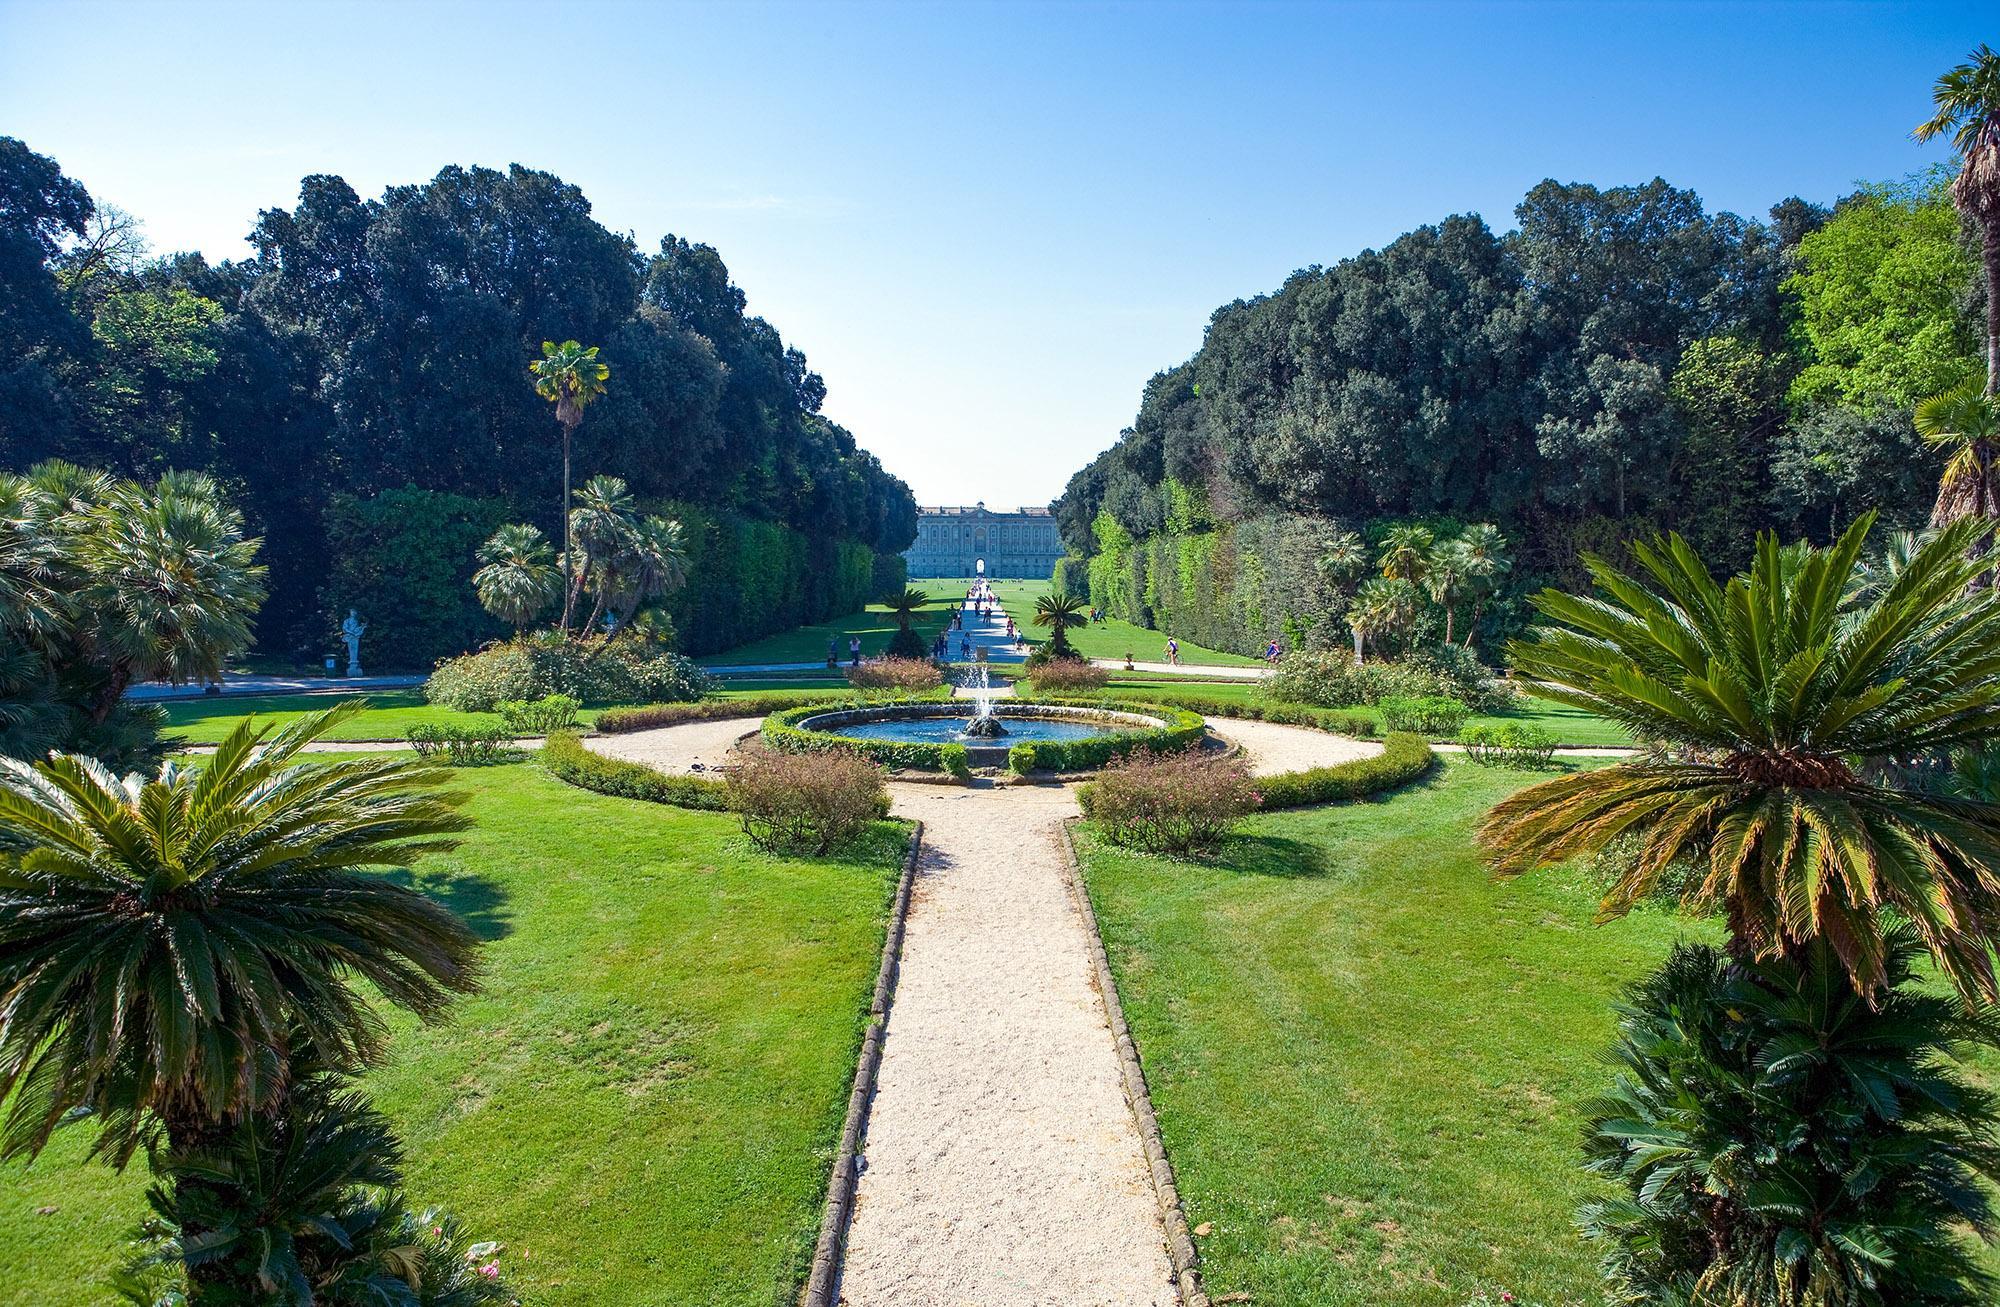 Le parc a été achevé par Carlo Vanvitelli, qui a suivi les plans de son père Luigi,  conservant la composition alternant fontaines, pièces d'eaux, plaines et chutes d'eau. – © Gimas / Shutterstock